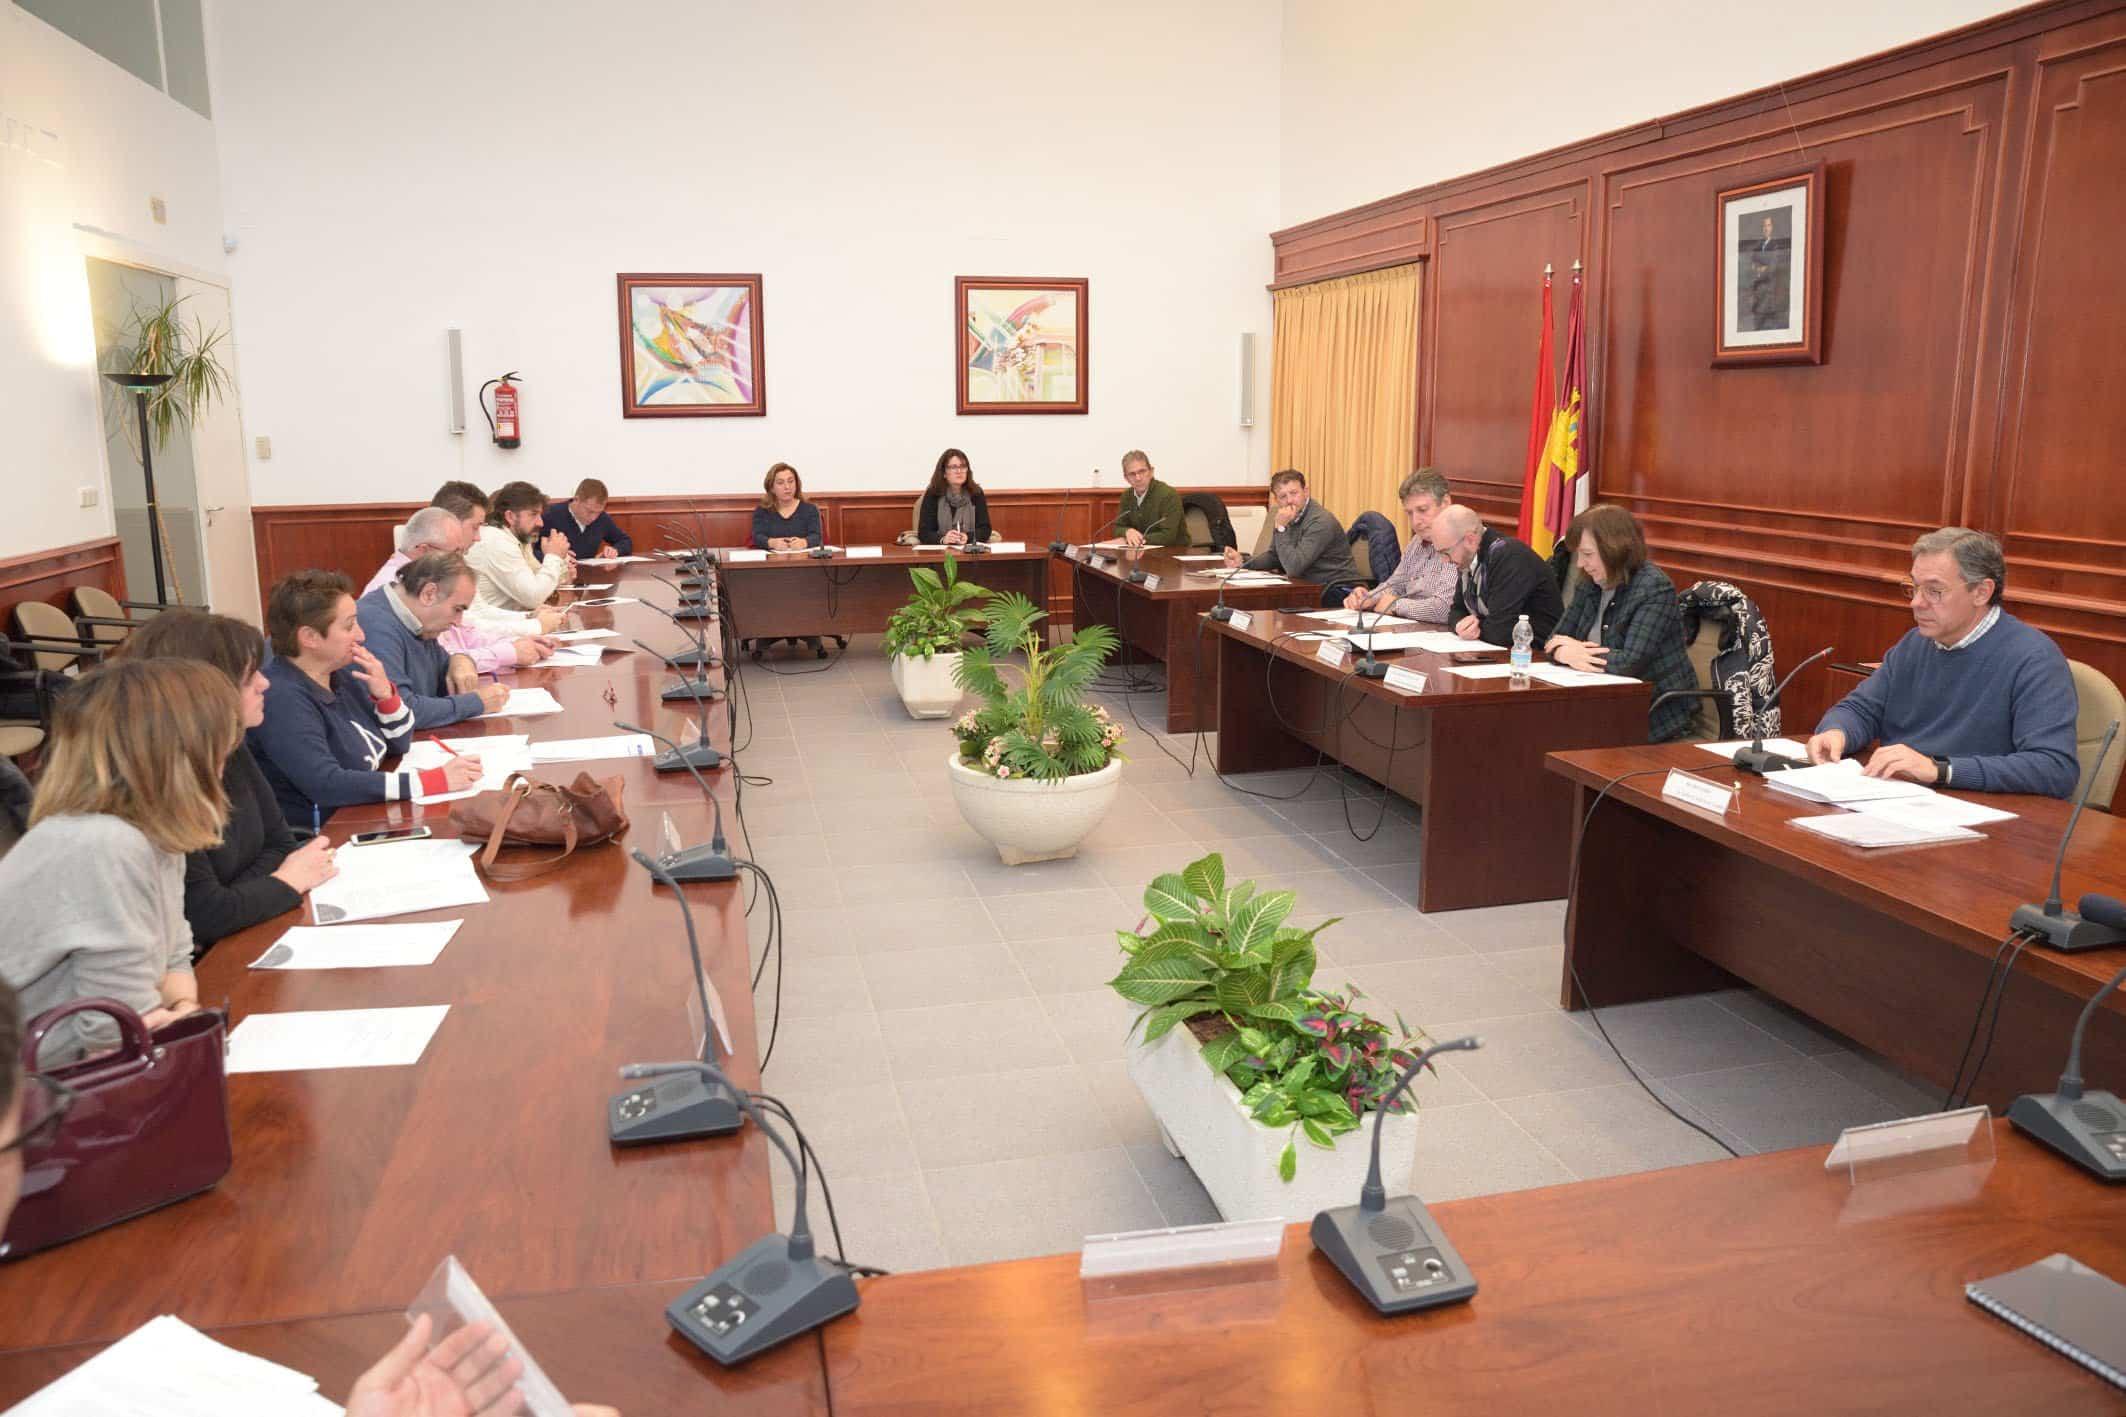 20200110 Pleno Ordinario informe gestion Comsermancha - La planta de Comsermancha gestionó 71.952 toneladas de basura en 2019